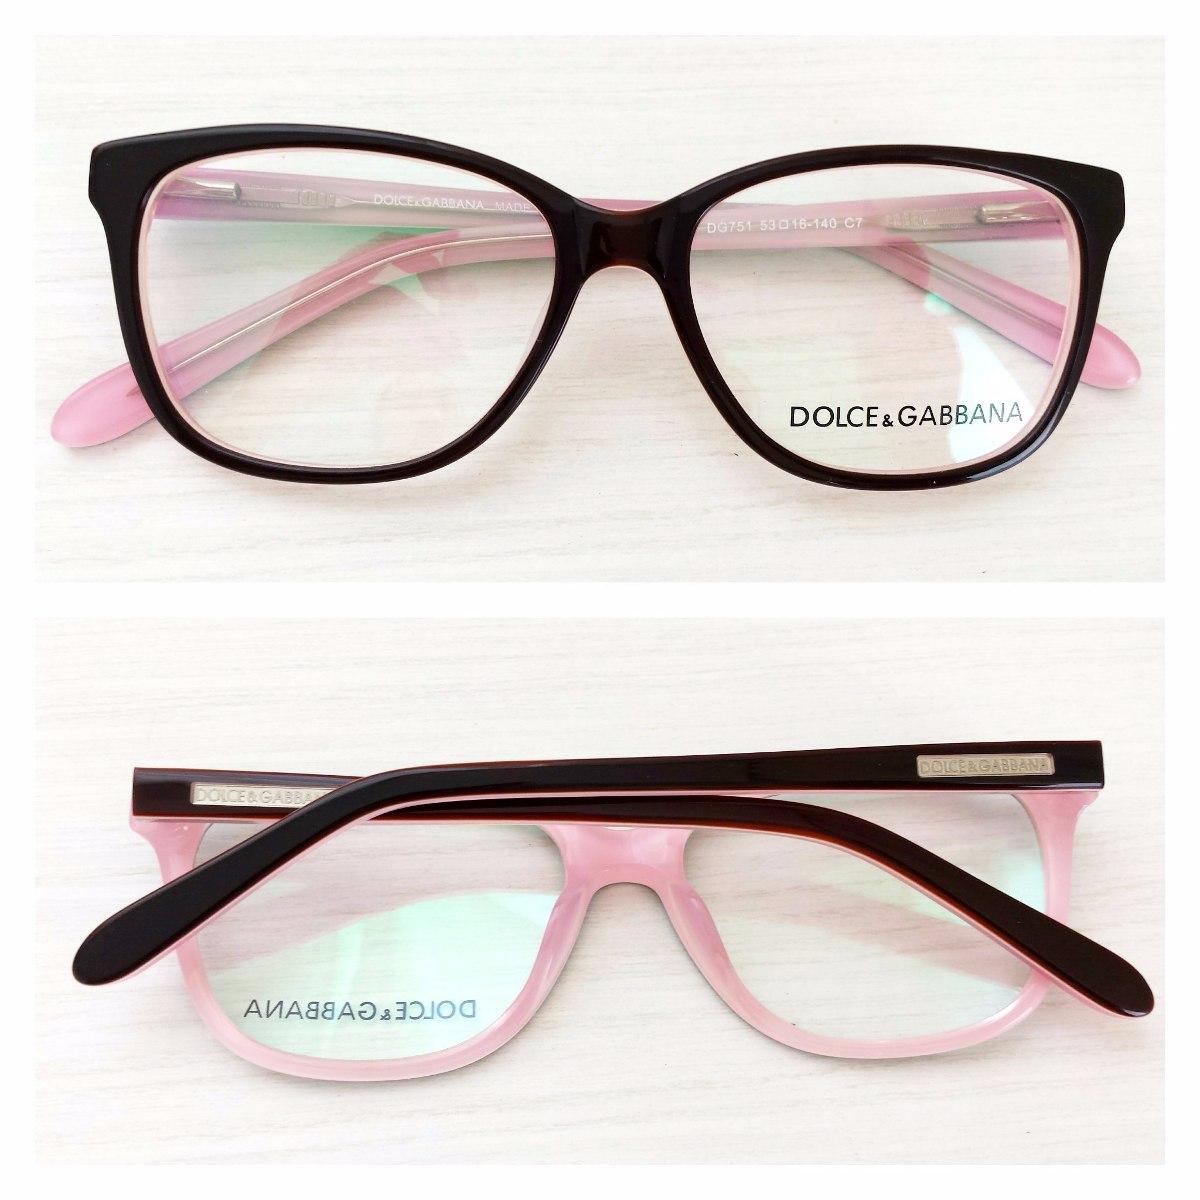 cb999dc18ccbe armação óculos de grau acetato feminino dolce dg751. Carregando zoom.